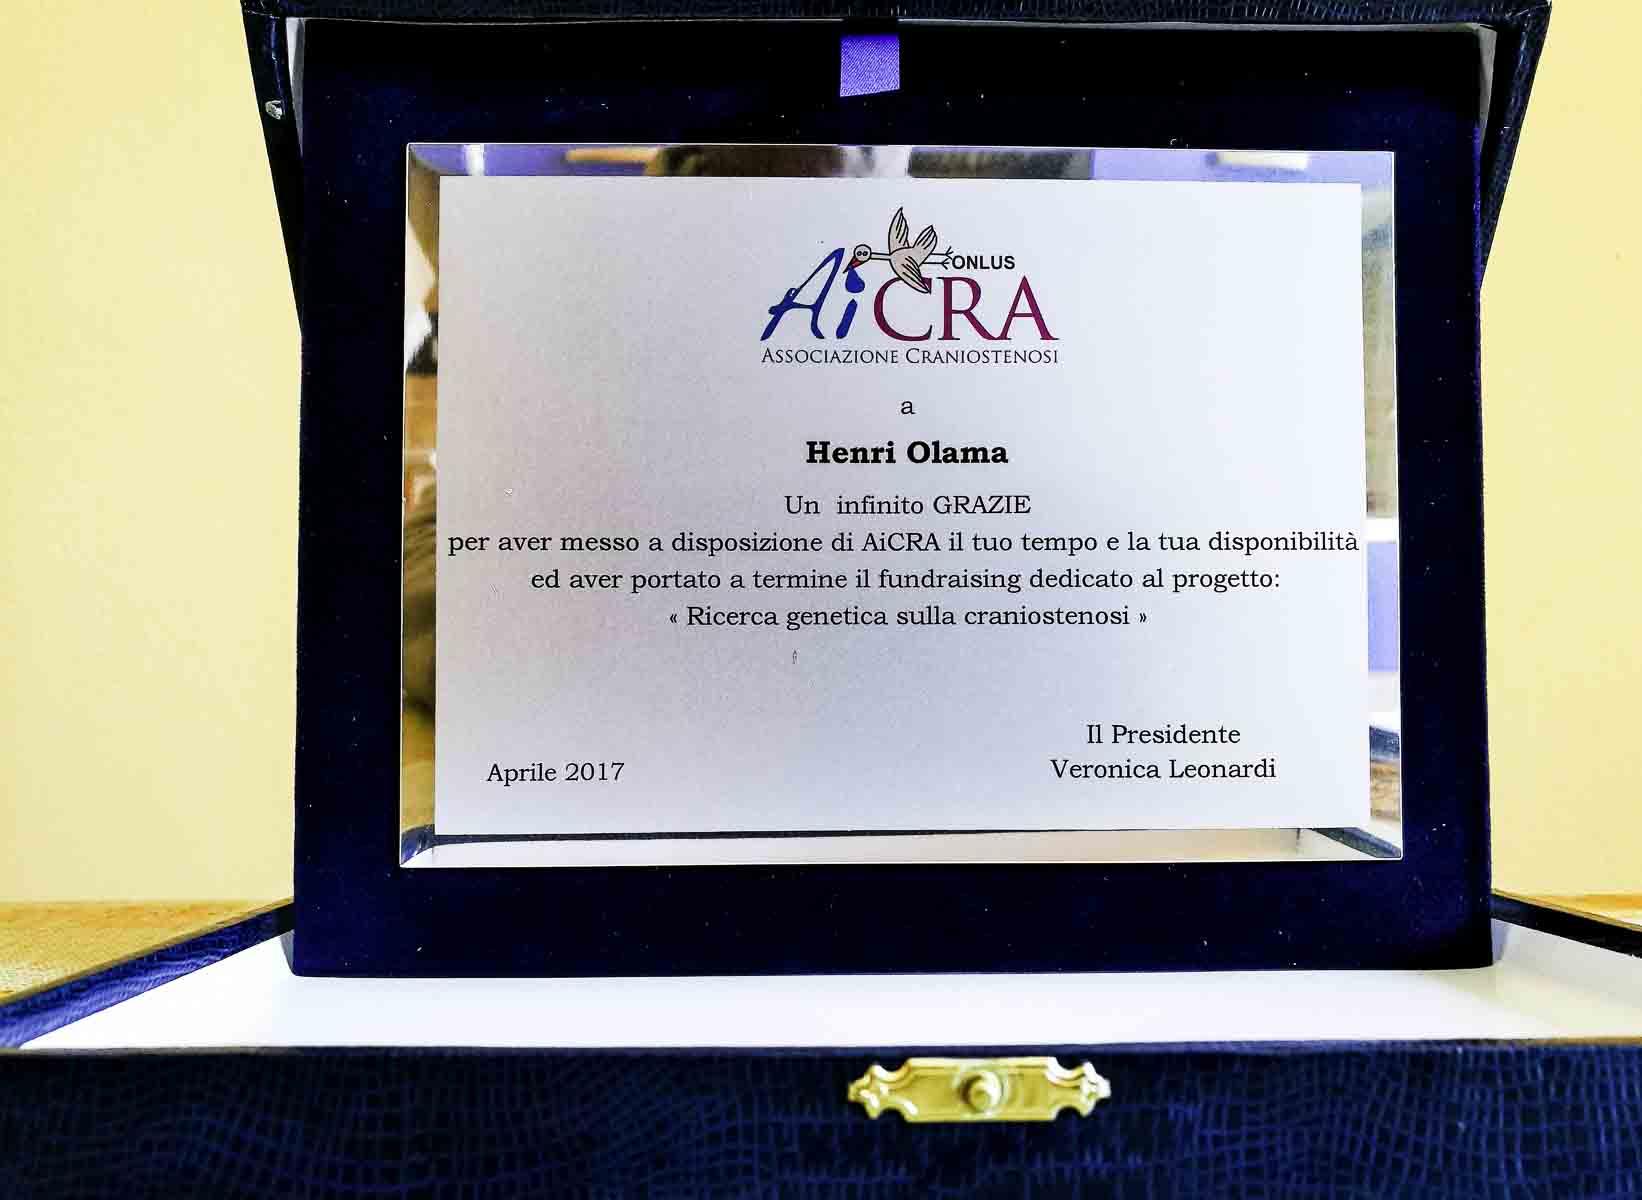 Targa per Henri Olama - Aicra Onlus